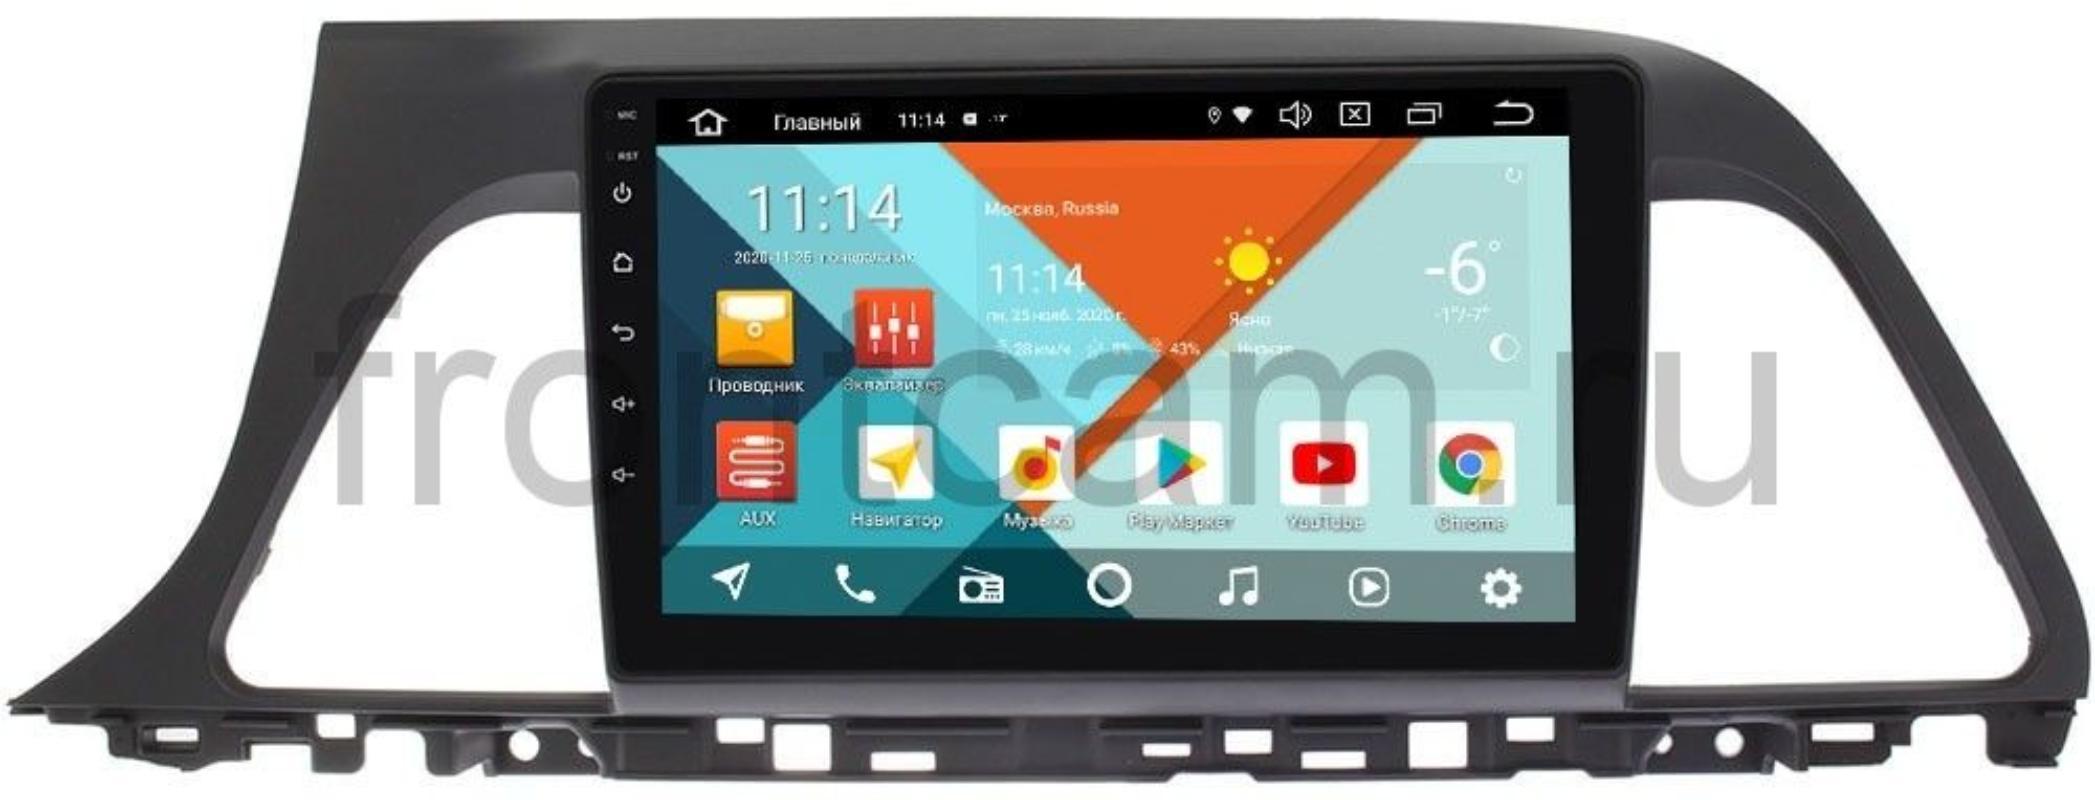 Штатная магнитола Hyundai Sonata VII (LF) 2014-2017 Wide Media KS9040QM-2/32 DSP CarPlay 4G-SIM для авто без усилителя на Android 10 (+ Камера заднего вида в подарок!)